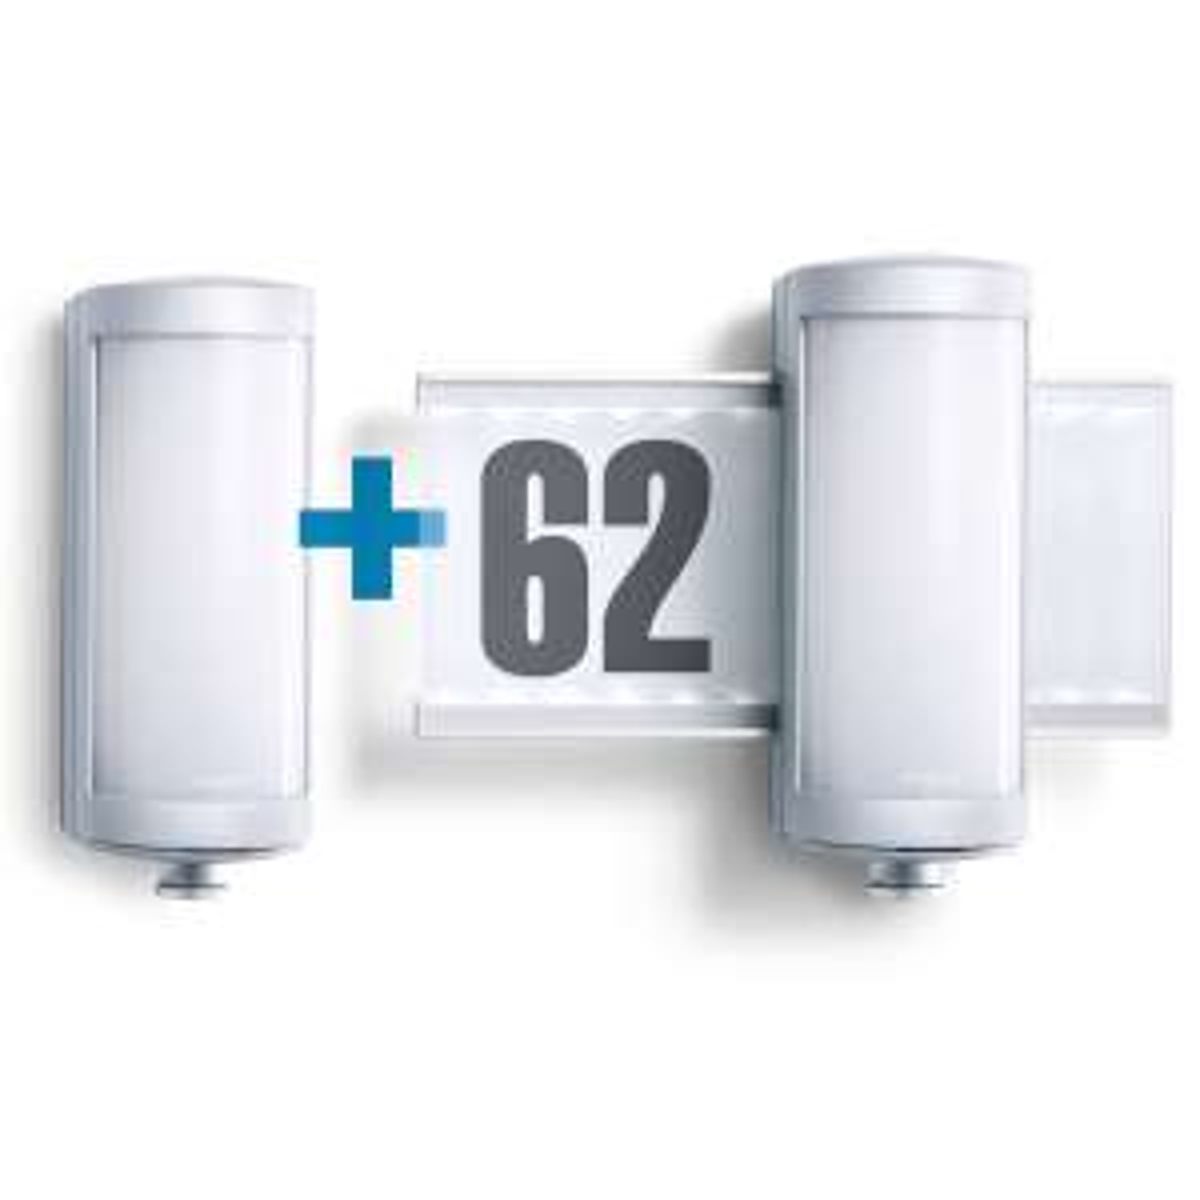 Für Hausbesitzer: Steinel LED Hausnummernleuchte + Sensorleuchte aktuell bei Edelstahl-Tuerklingel.de 27% unter UVP